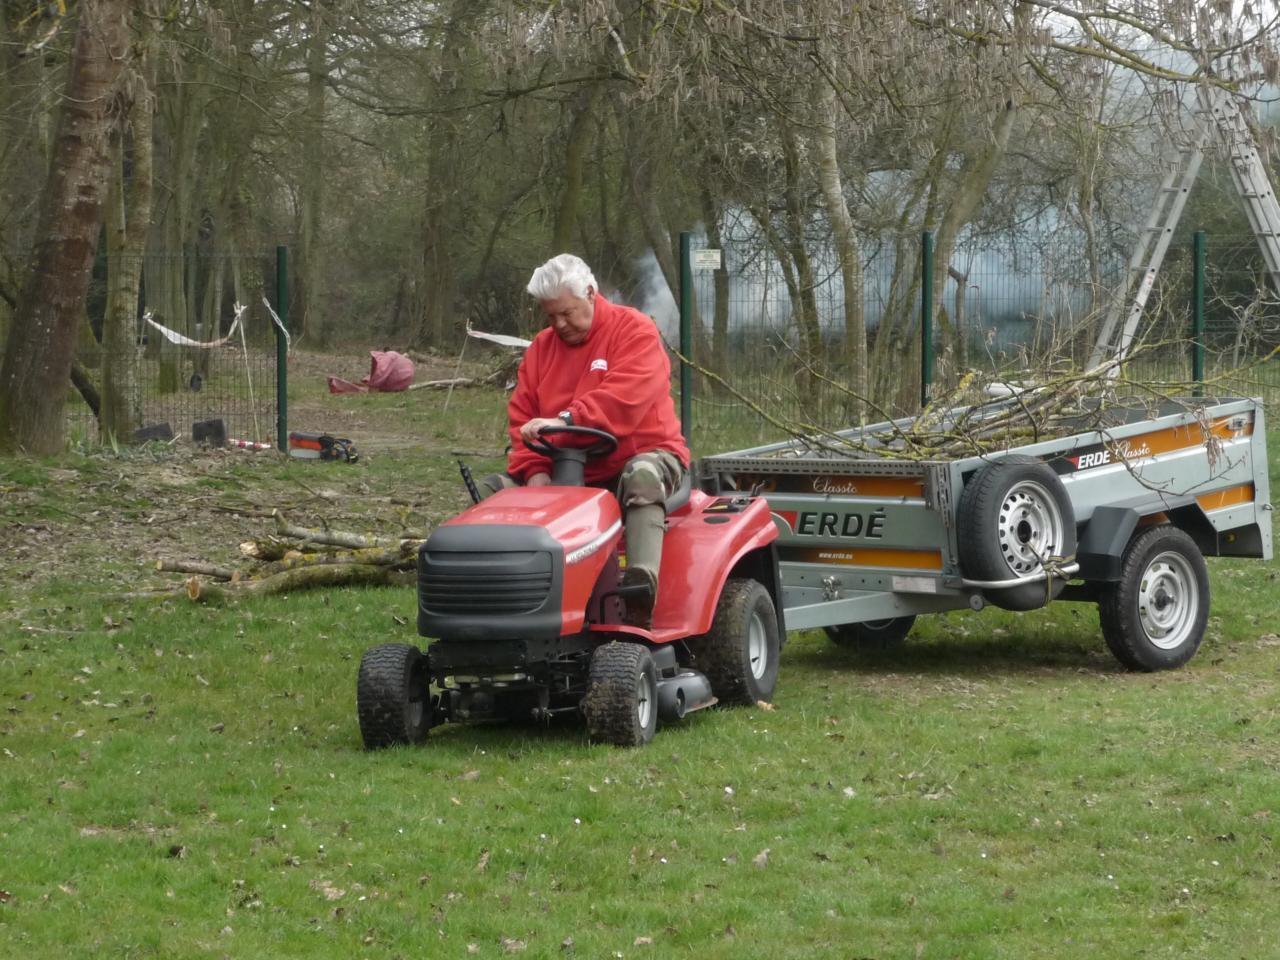 Christian au tracteur